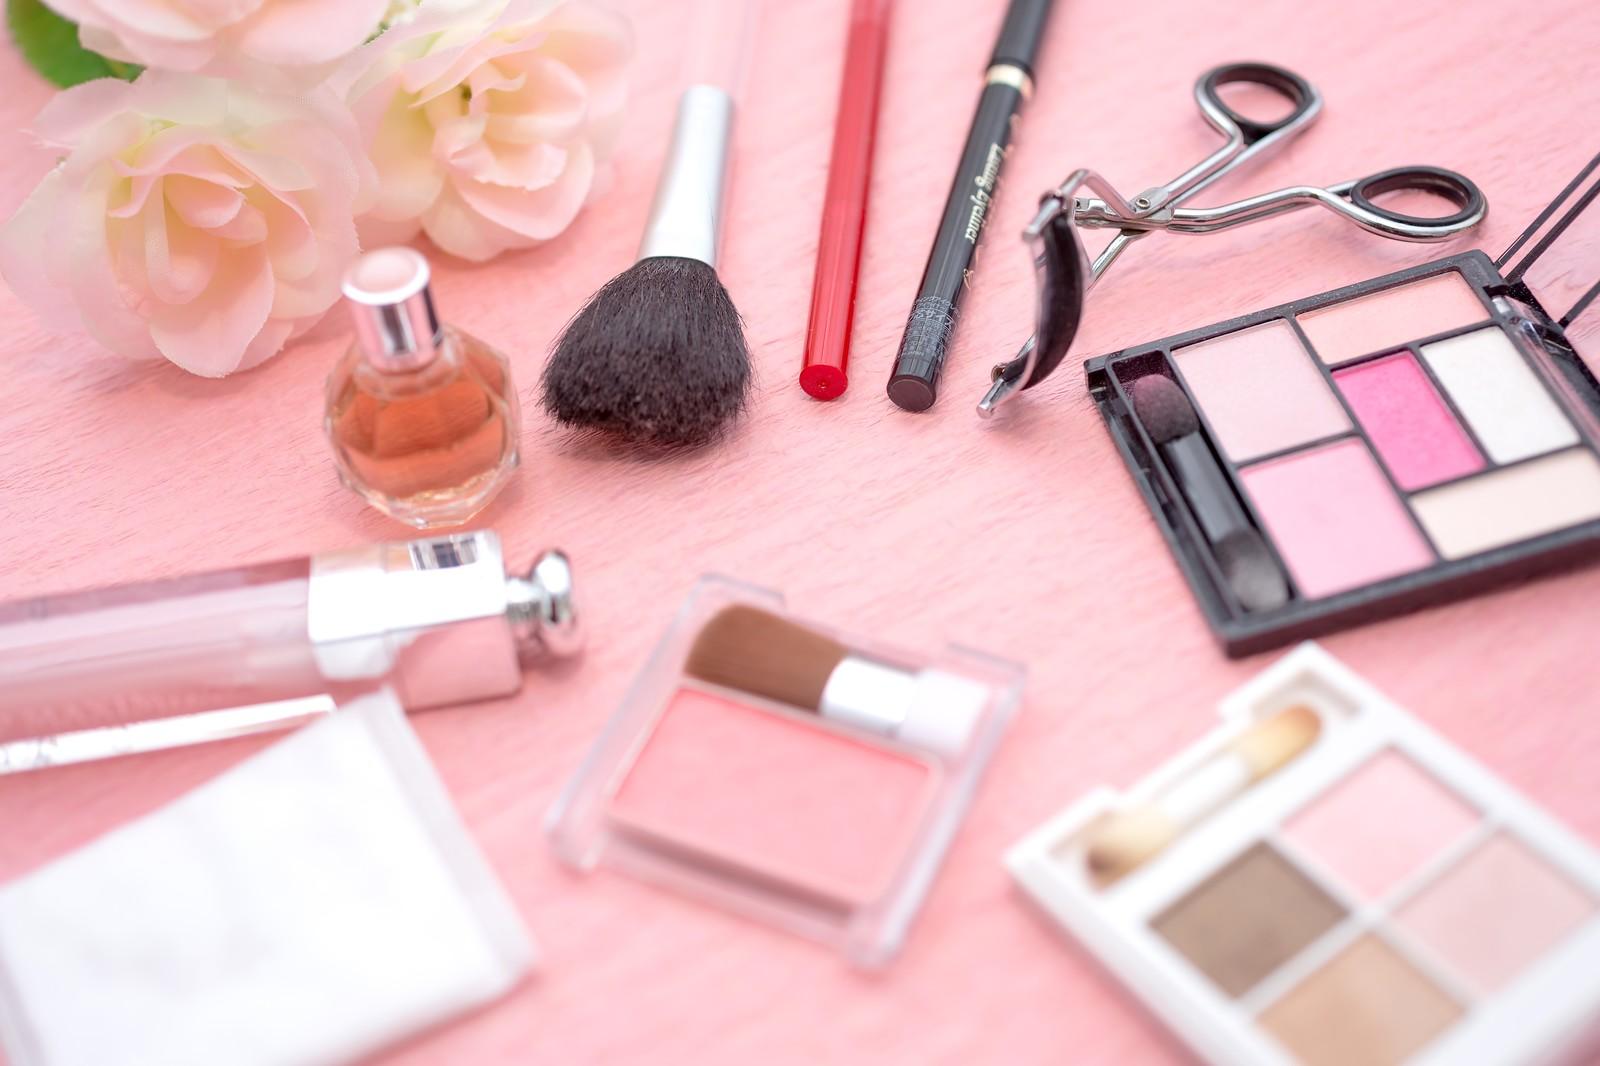 「化粧品メーカー」、インスタライブを同時配信